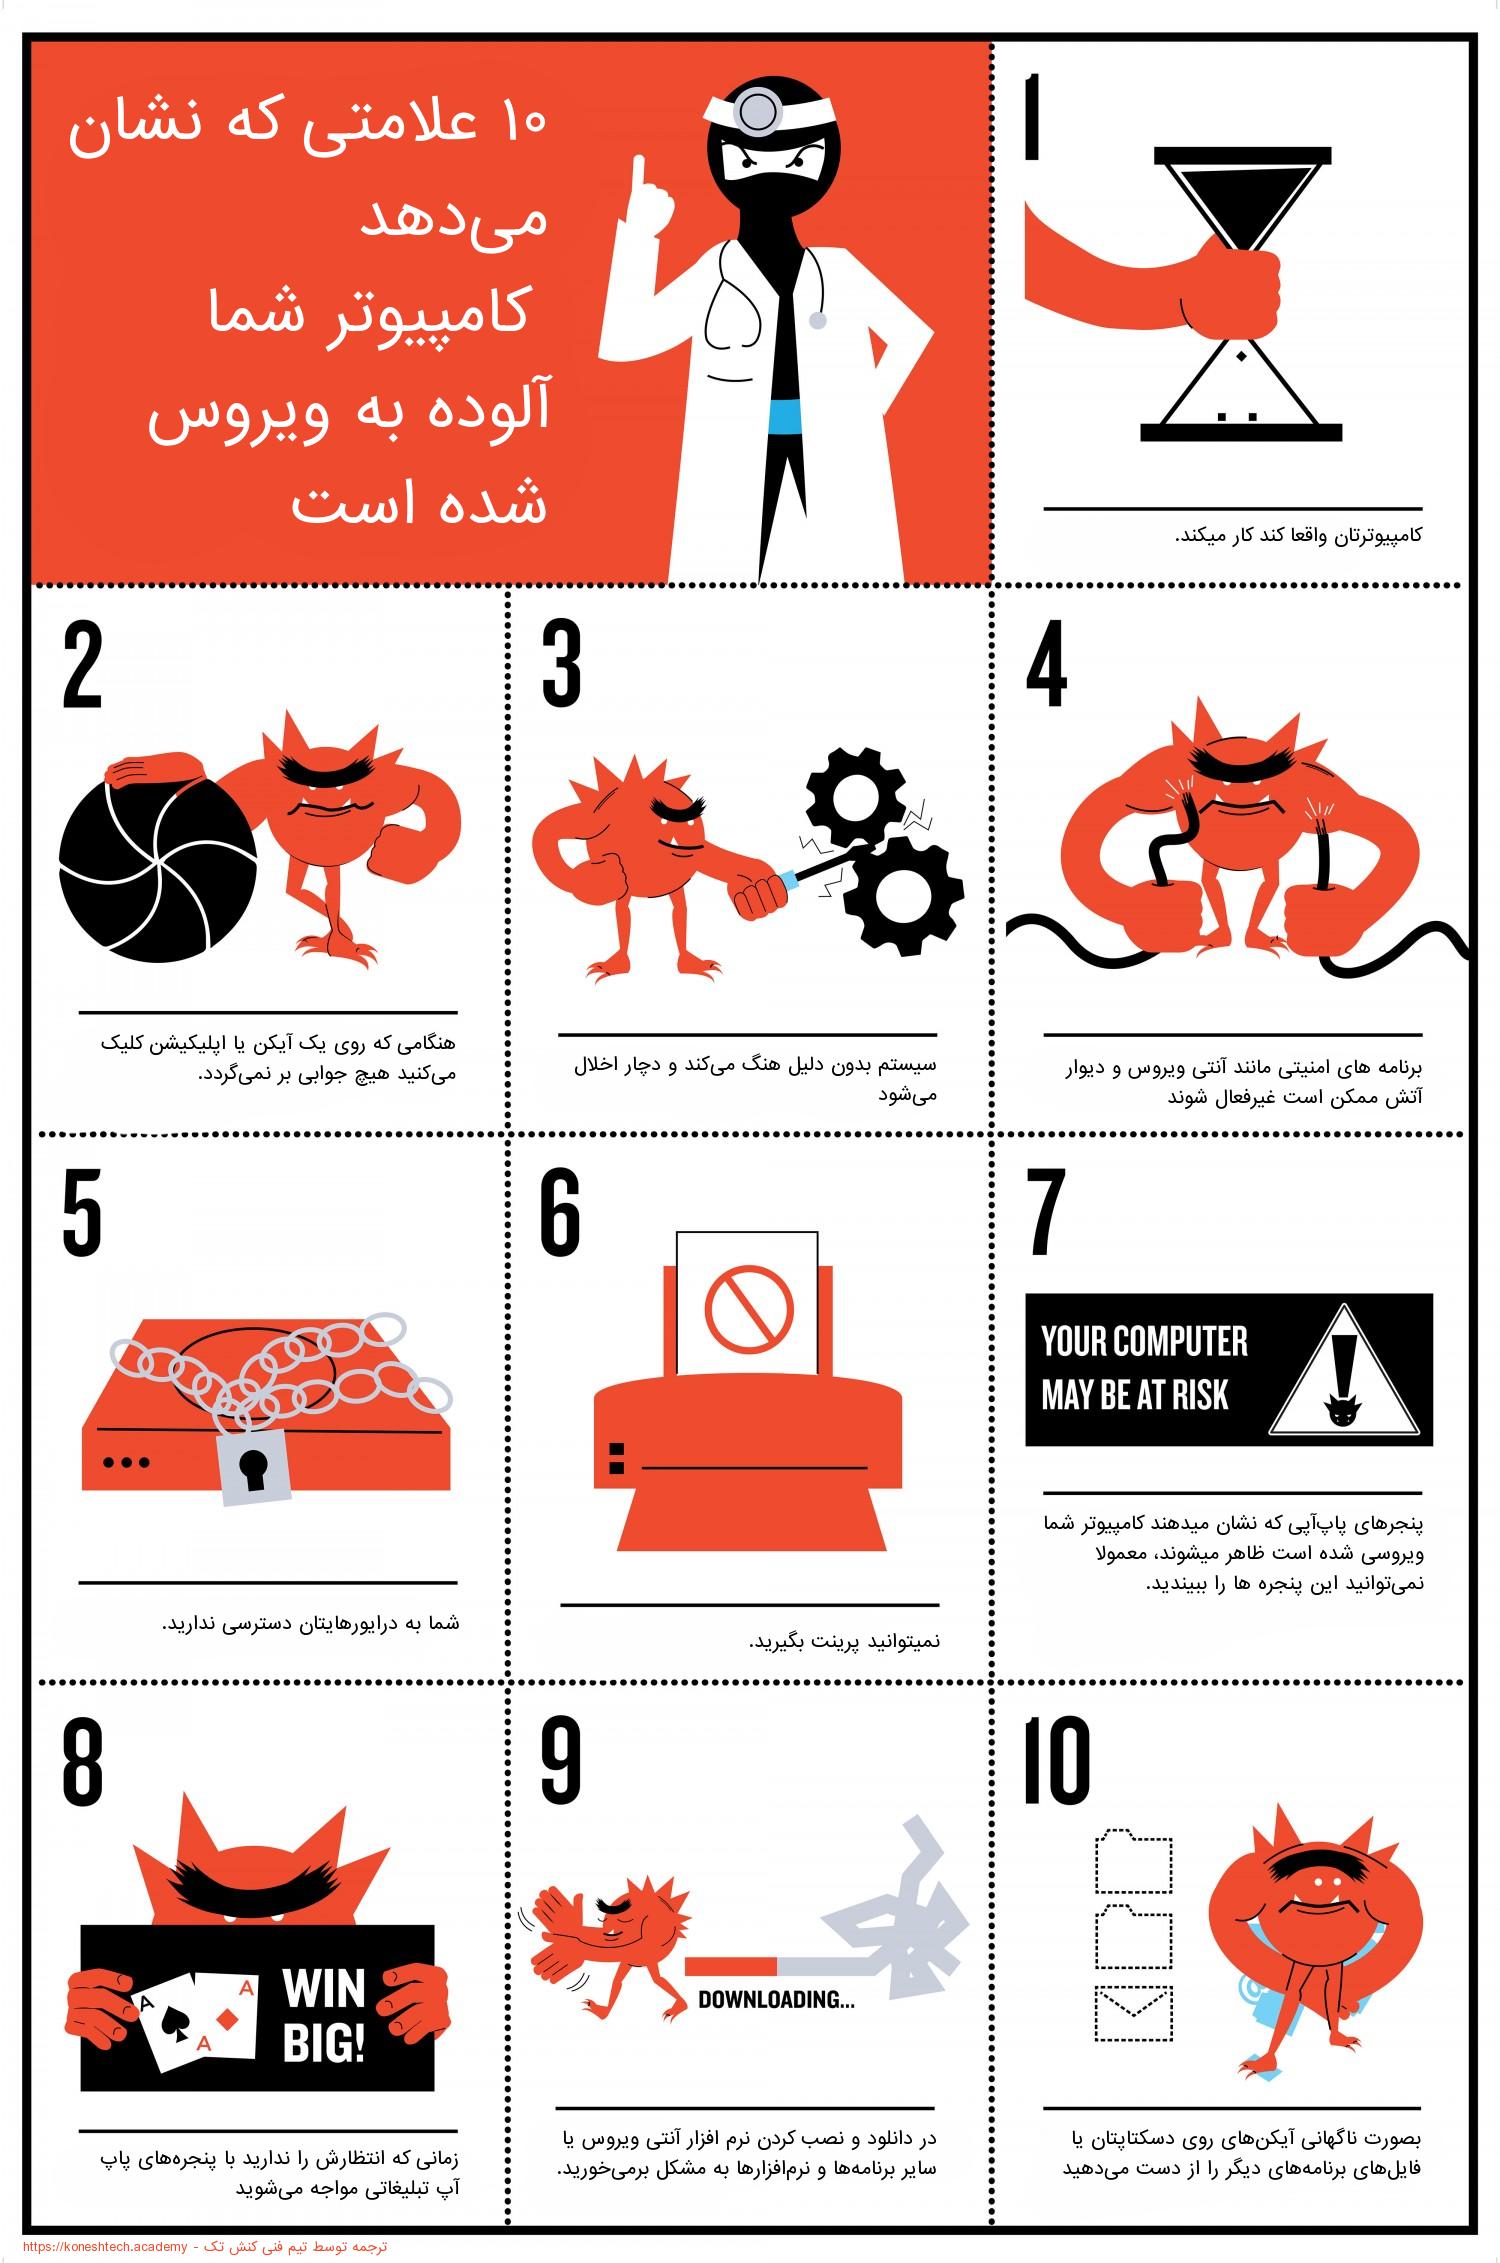 ده علامتی که نشان میدهند کامپیوتر شما آلوده به ویروس شده است